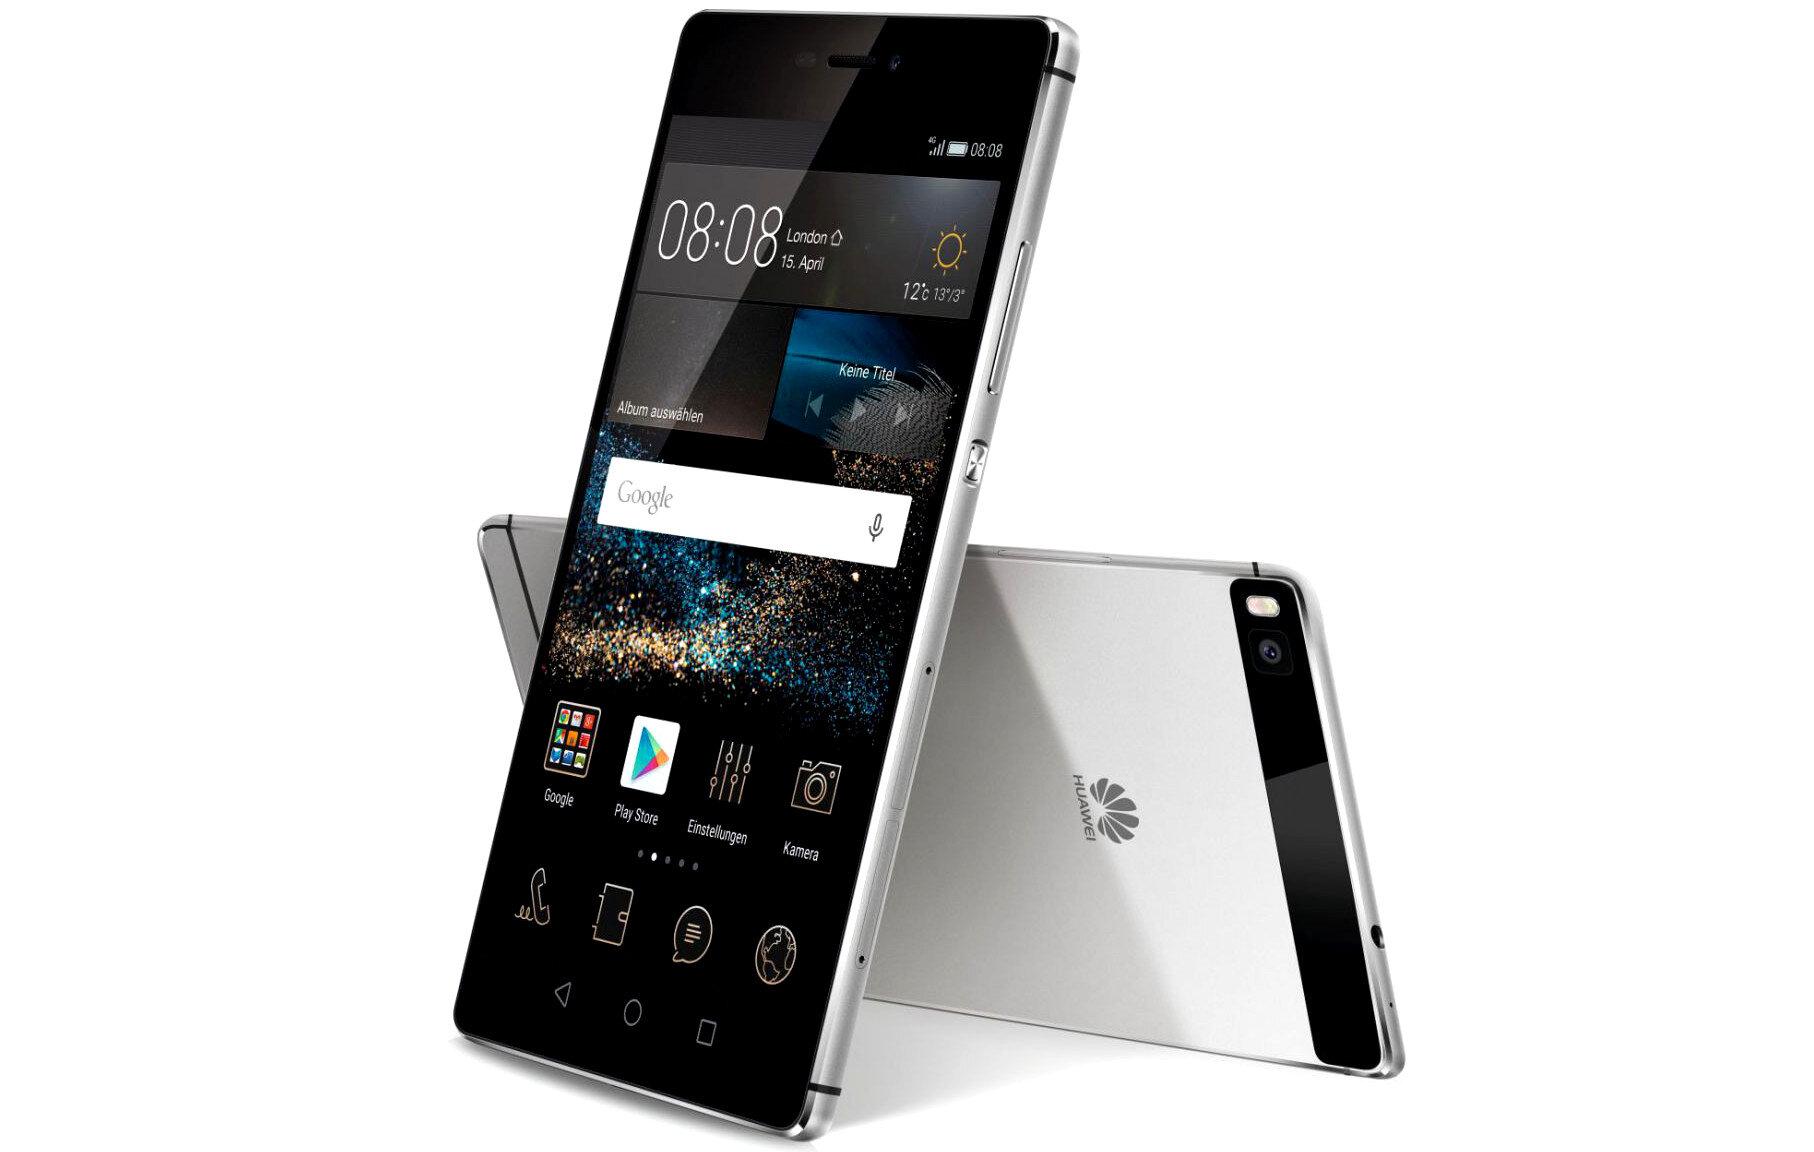 Đánh giá smartphone Huawei P8: Thiết kế tinh xảo